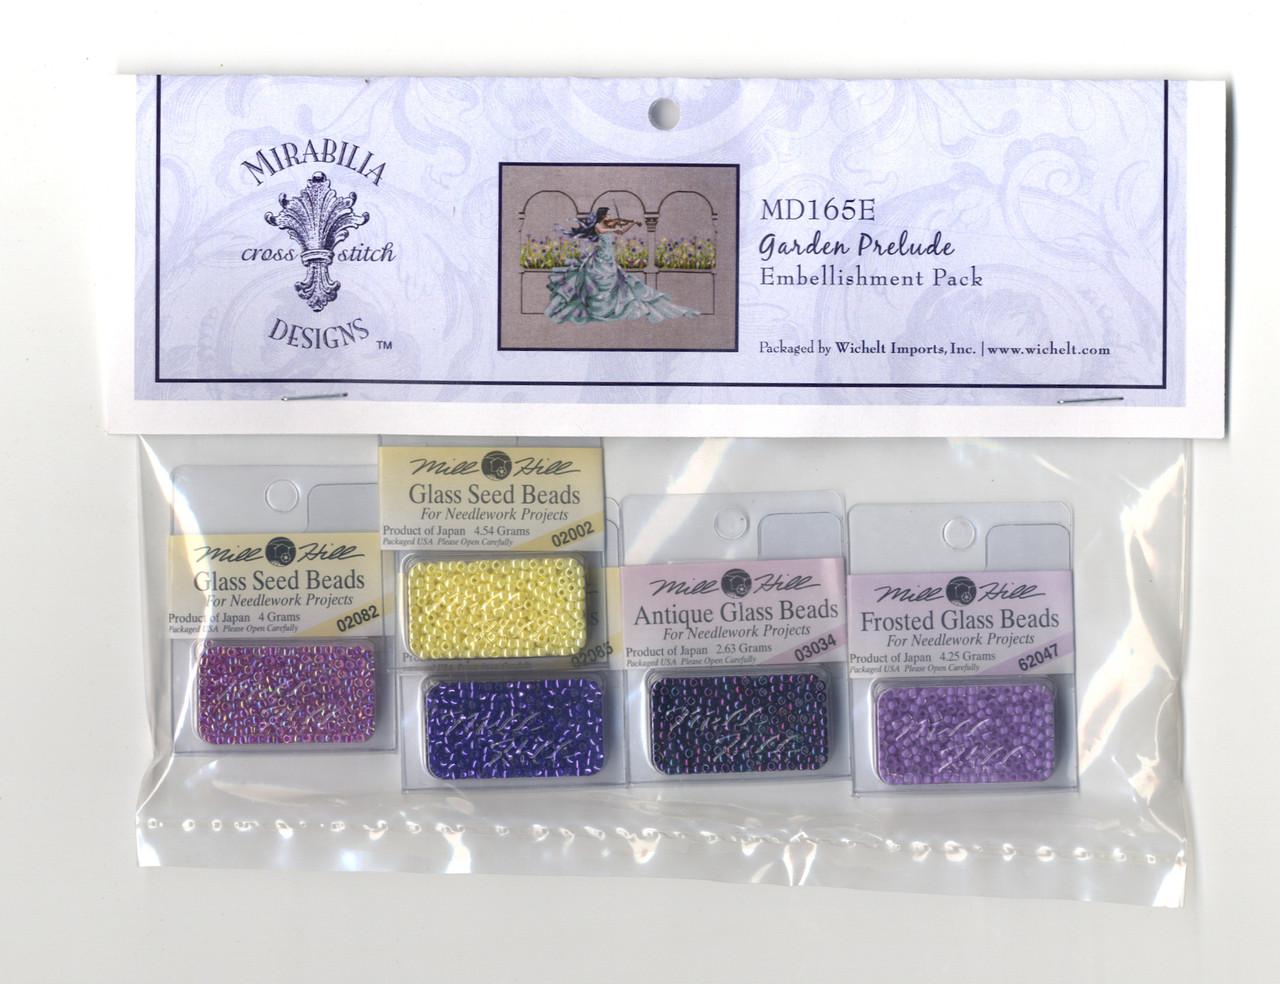 Mirabilia Embellishment Pack  - Garden Prelude